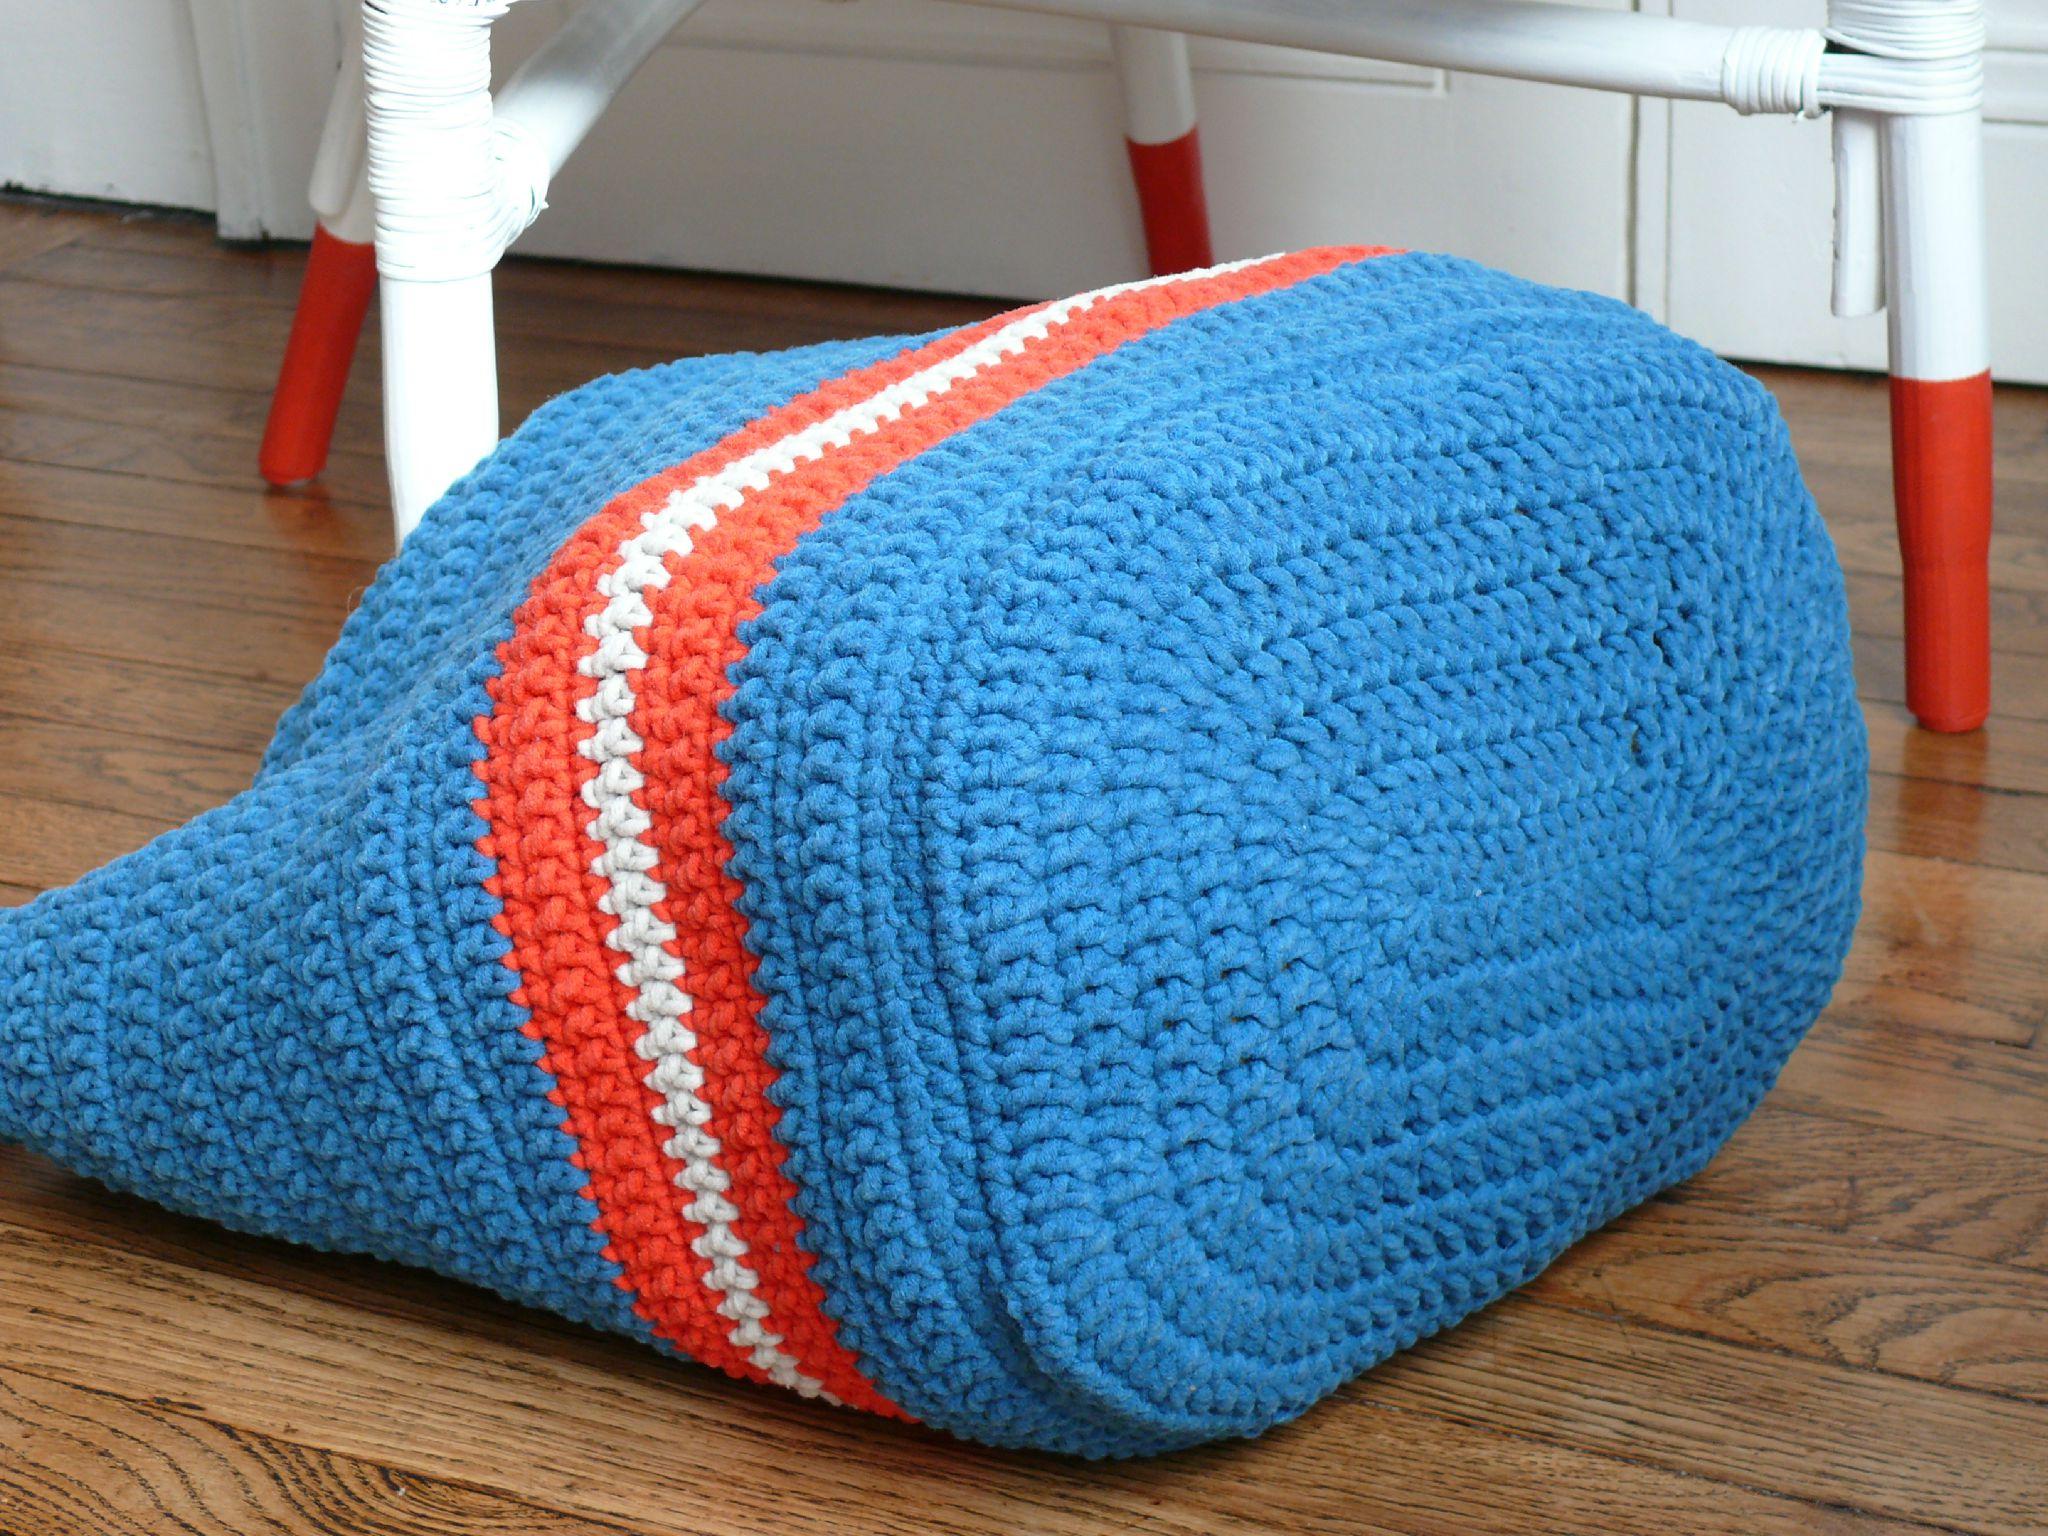 Cabas d co pour mes tricots bee made - Tuto pour creer un sac en crochet ...